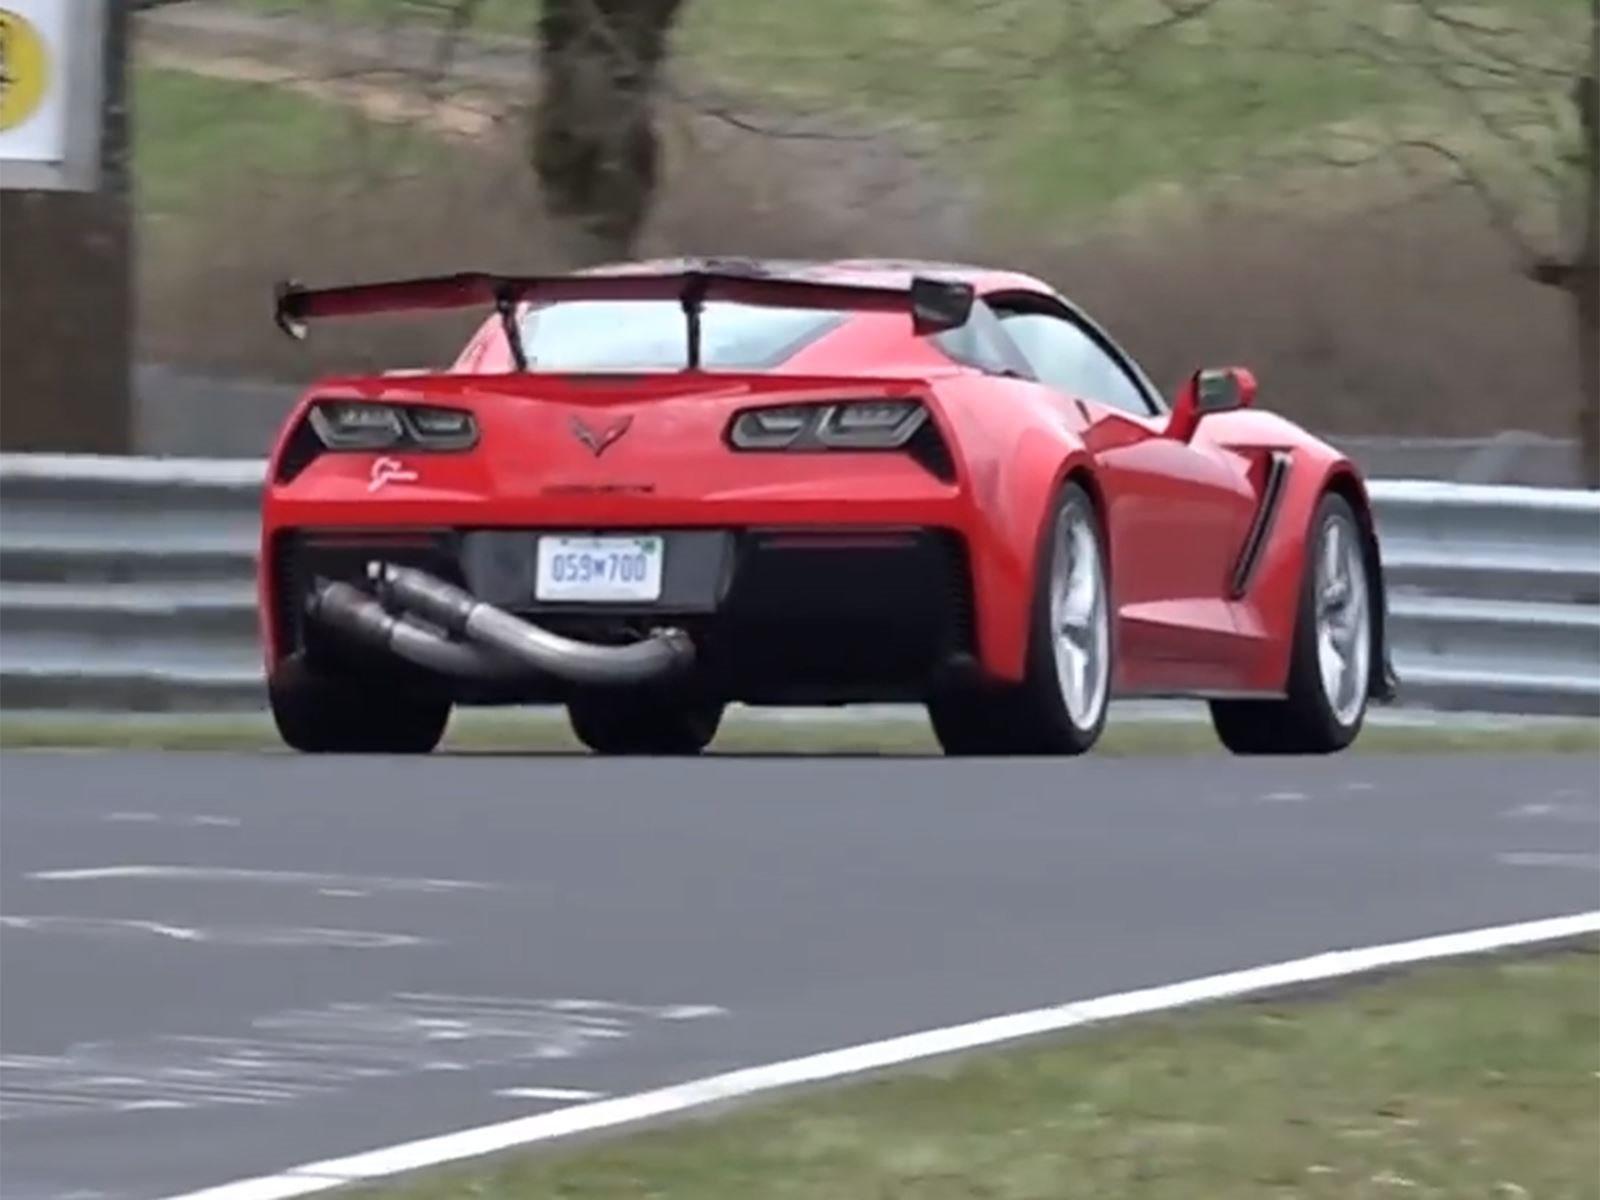 Конечно, возможно, что компания просто улучшает некоторые изъяны на предстоящем автомобиле, но мы думаем, что GM нацелен на гораздо большее.